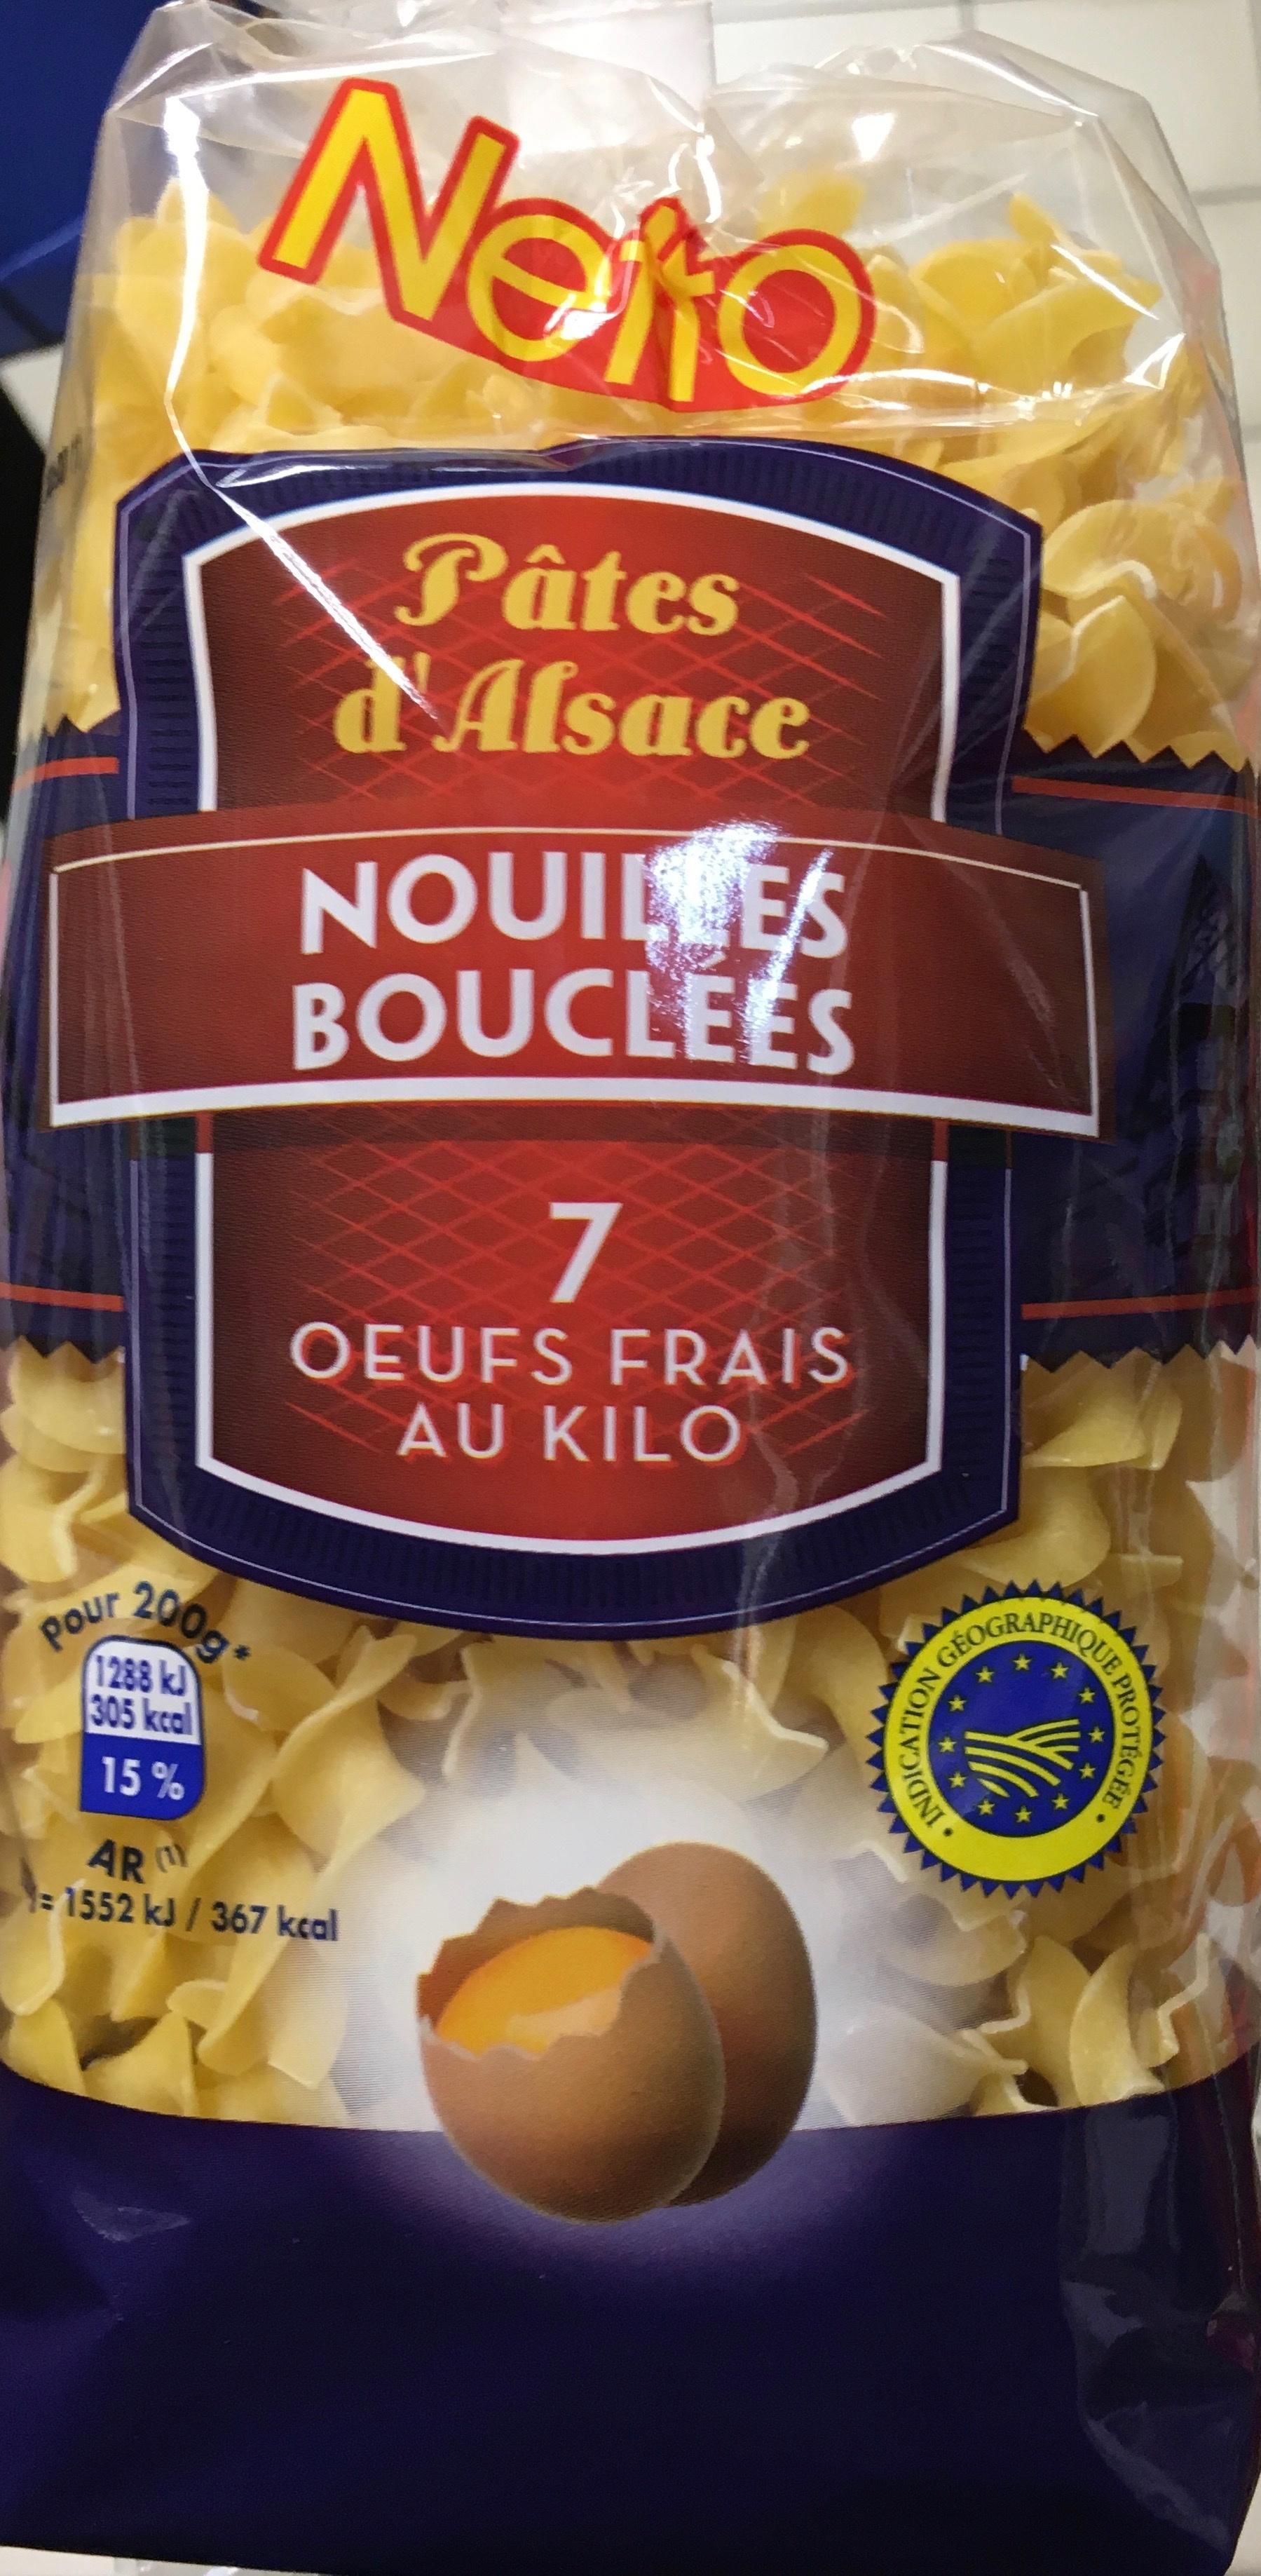 Nouilles bouclées 7 oeufs frais au kilo - Product